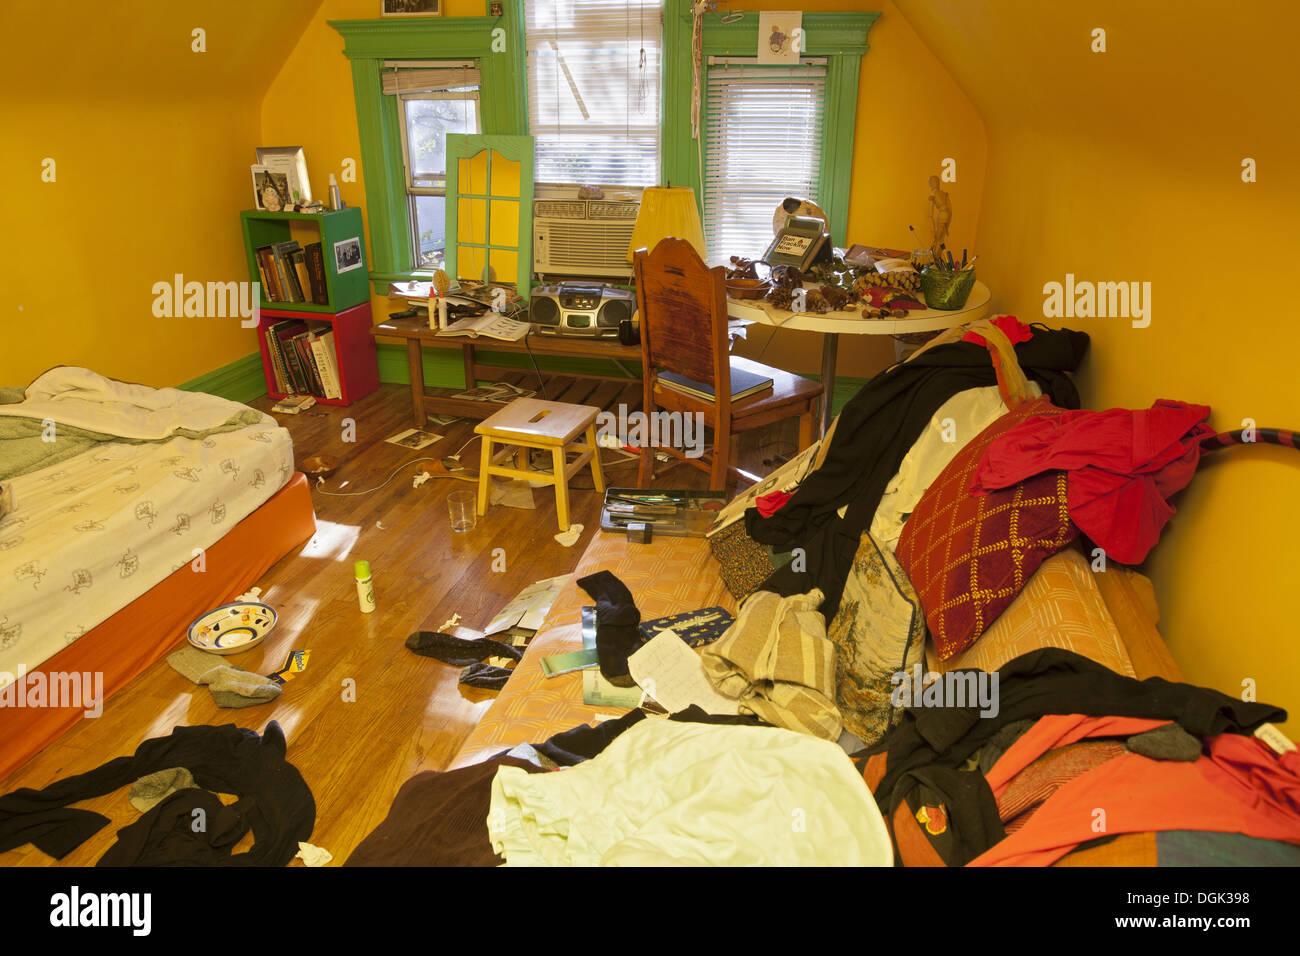 Messy Teenage Bedrooms